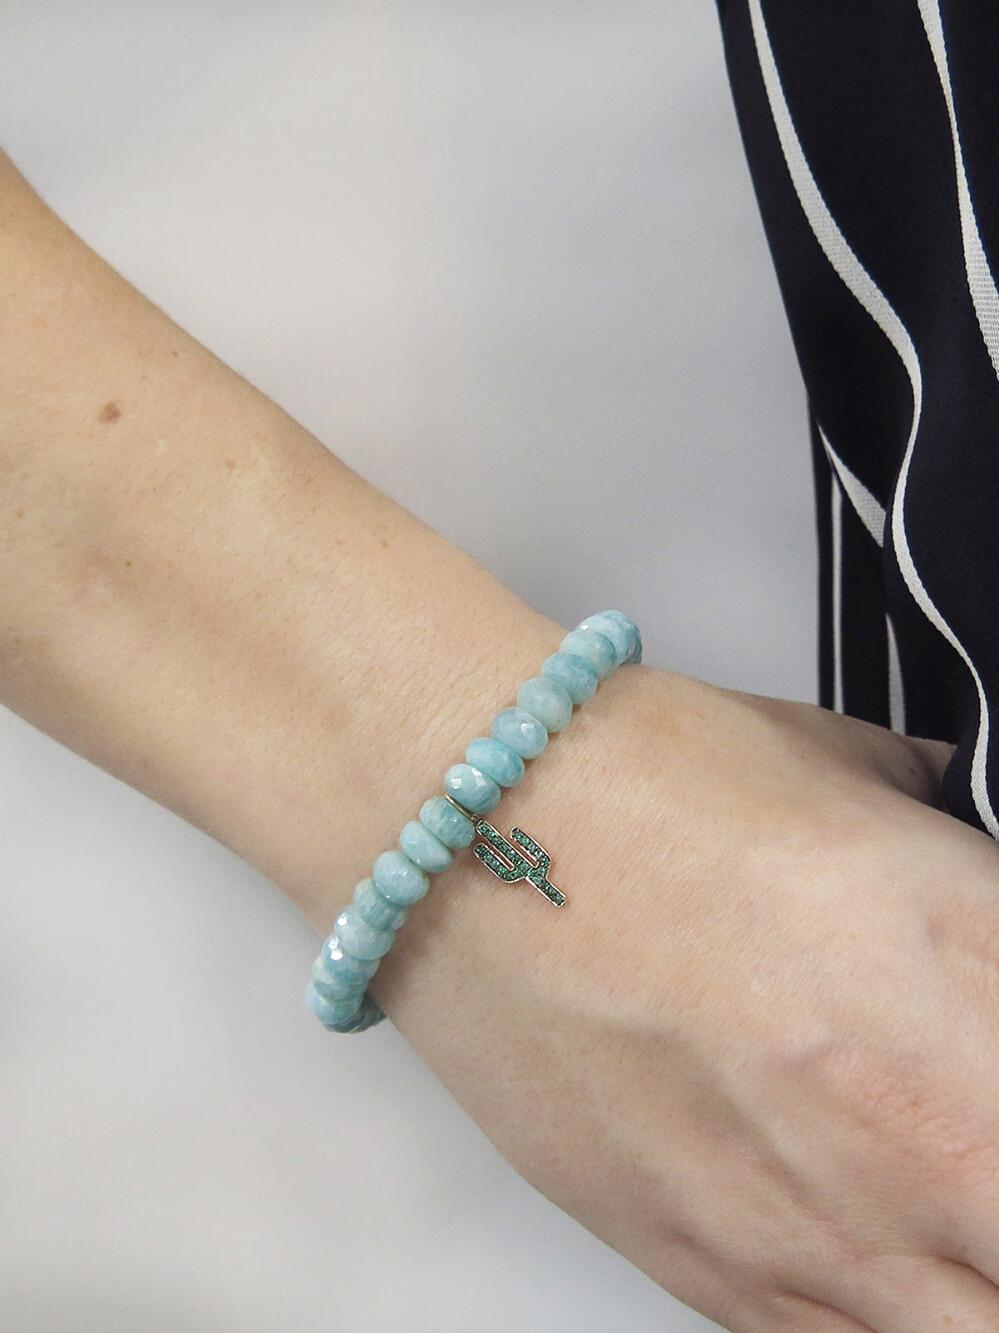 Sydney Evan 14k Amazonite & Elephant Bracelet dTDiZ7